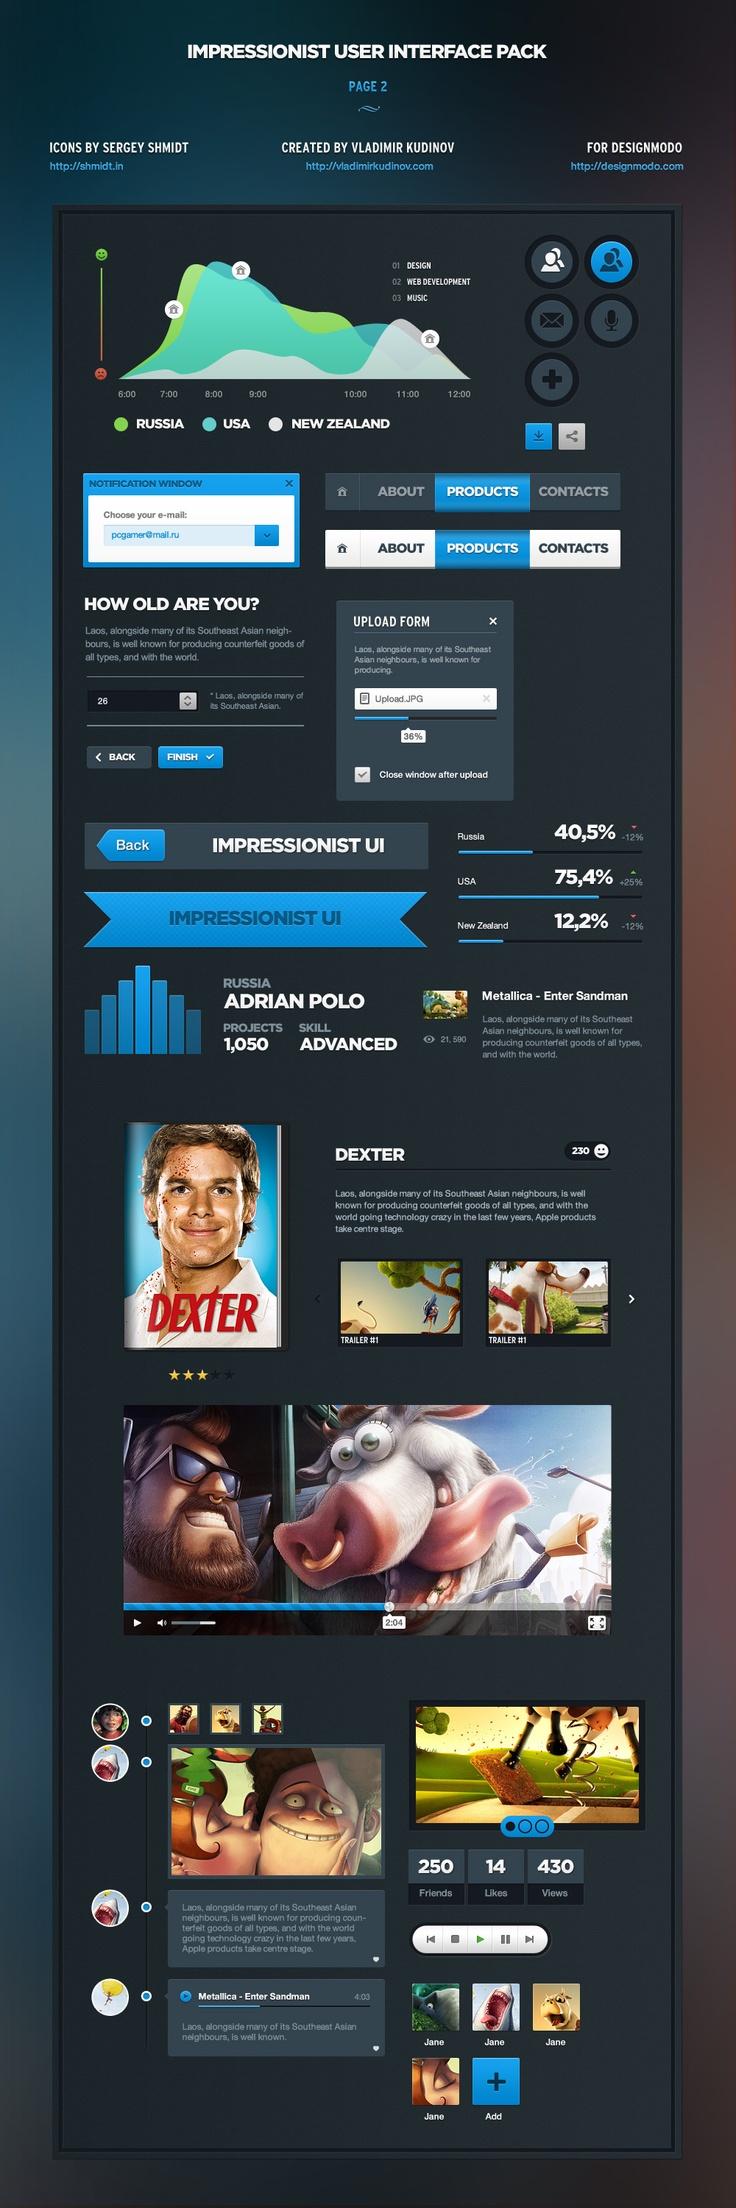 Lovely UI from DesignModo